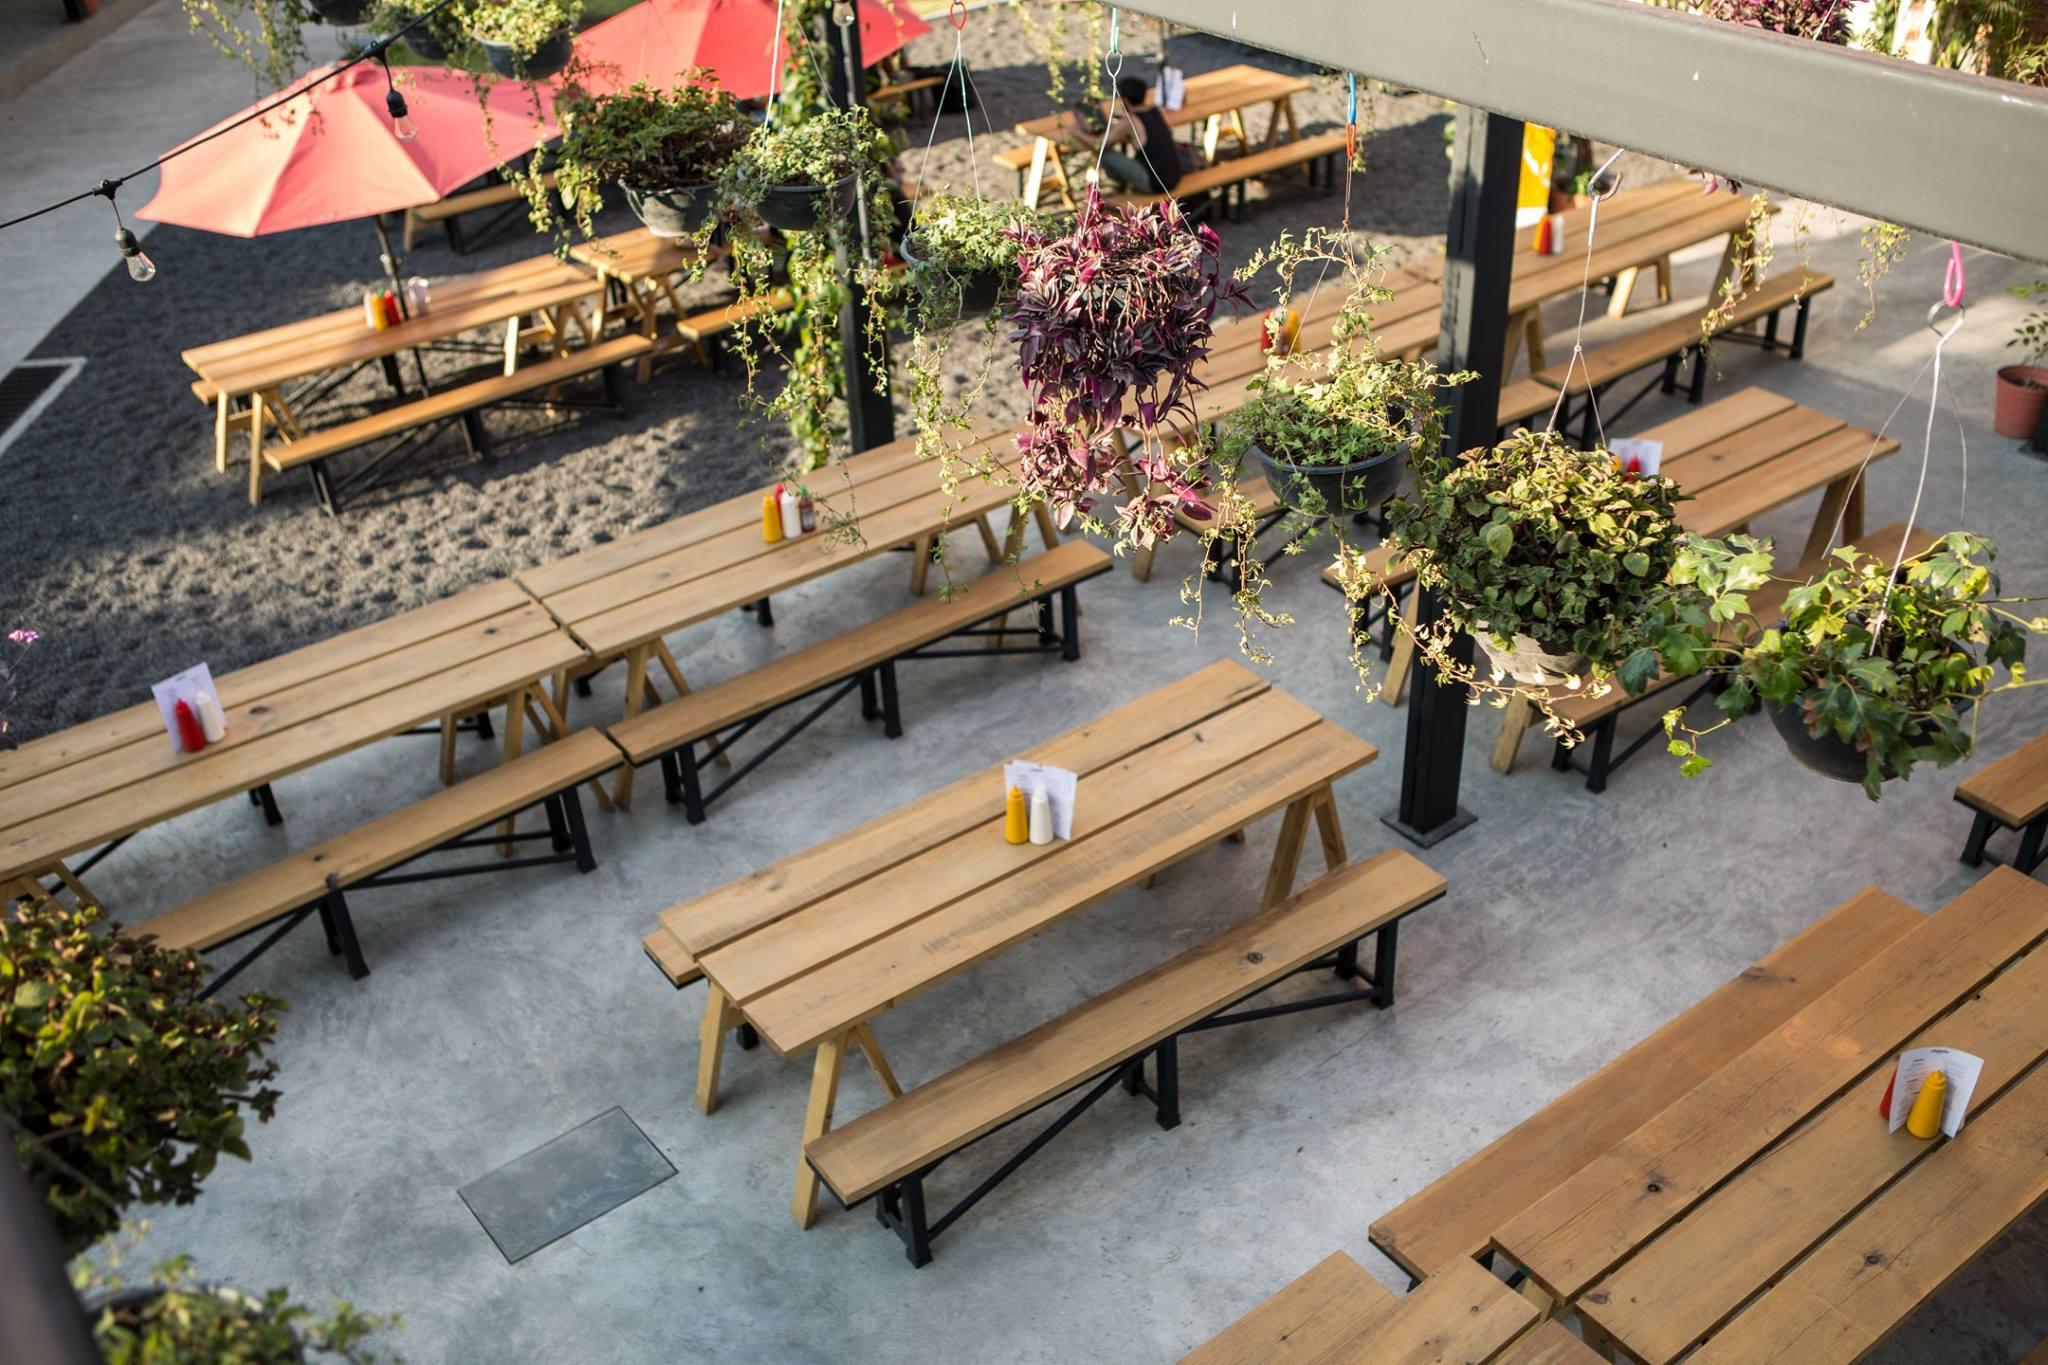 Restaurantes con patios y jardines en la CDMX a los que morimos por regresar después de la cuarentena